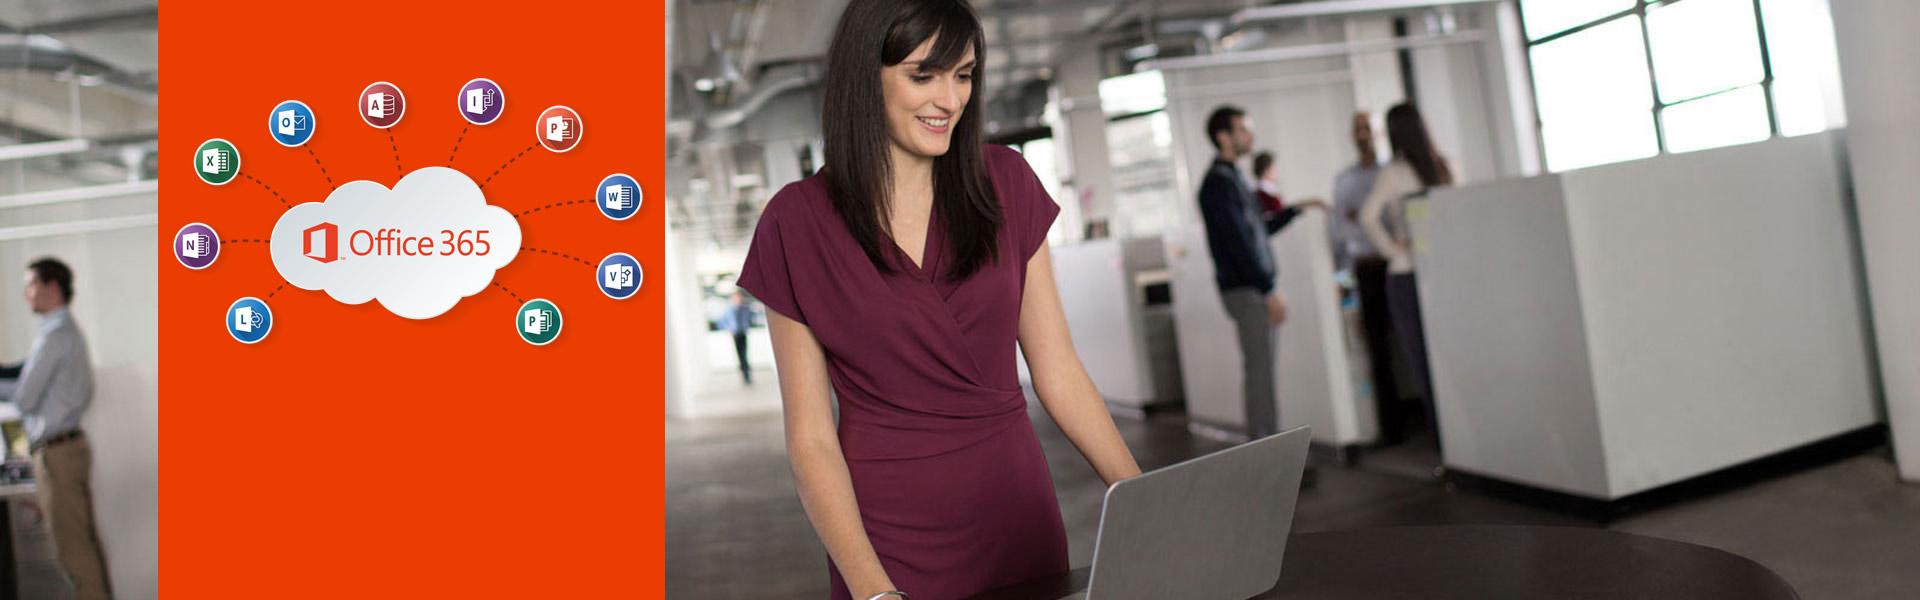 Office 365 Home Premium nos temos o melhor preço!